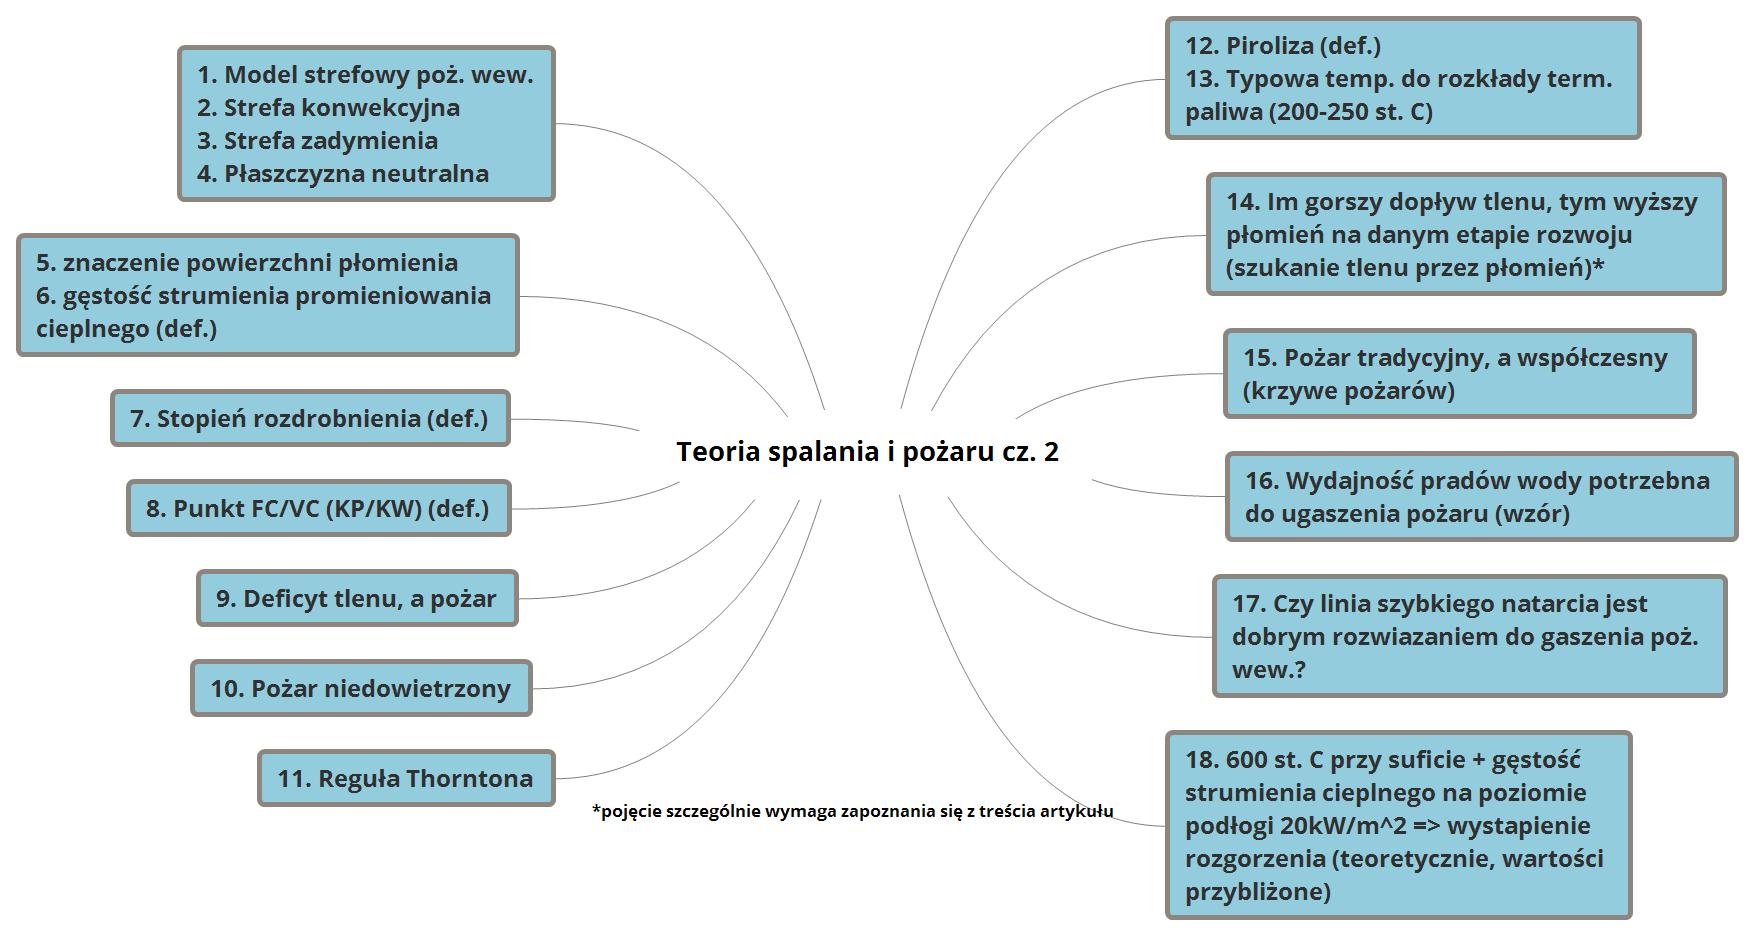 Teoria spalania i pożaru cz. 2 drugi wykres mapa myśli